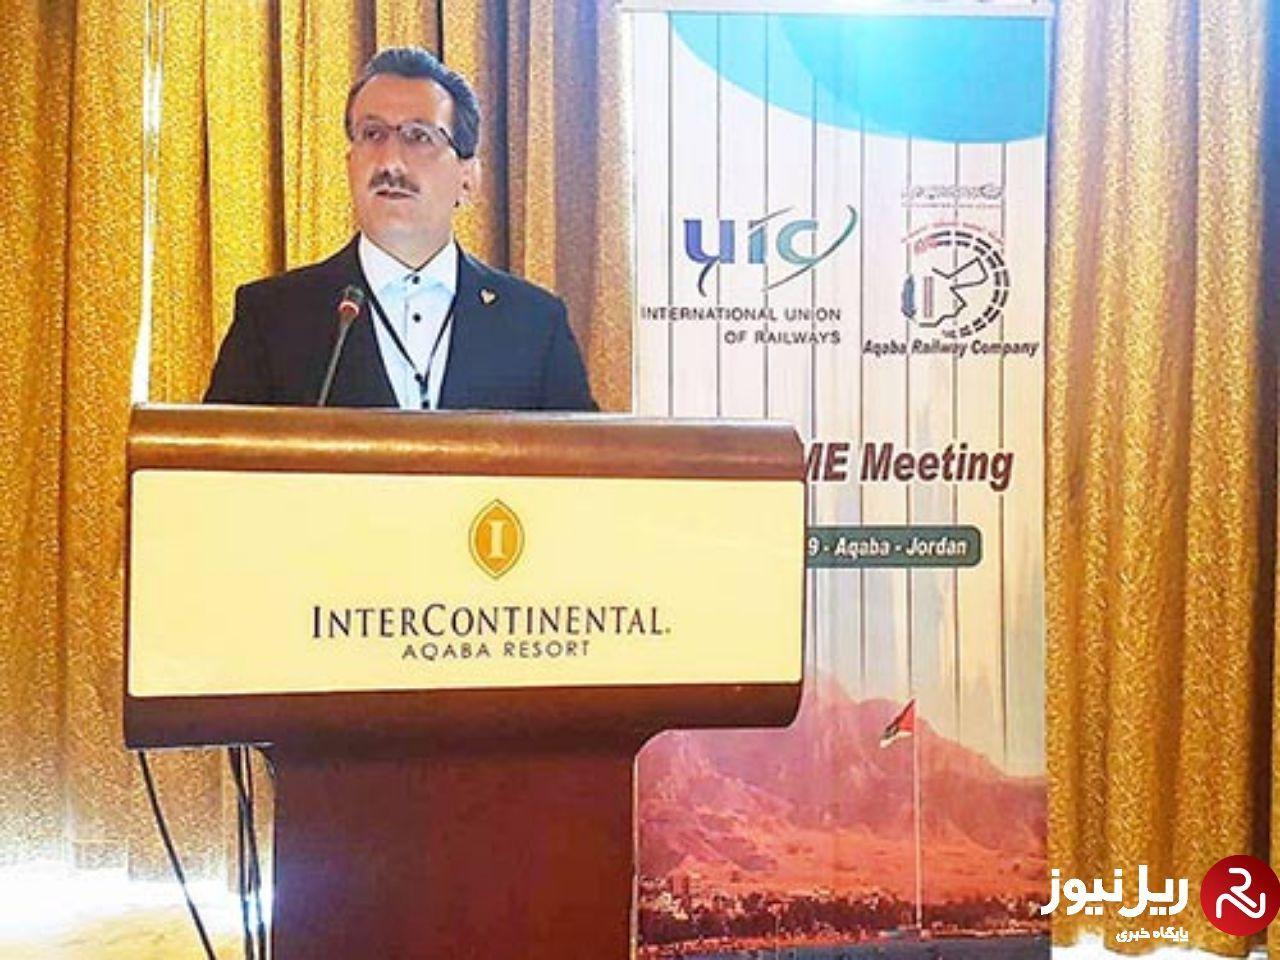 دیپلماسی ریلی/ ایران برای اردن واگن و خط آهن میسازد